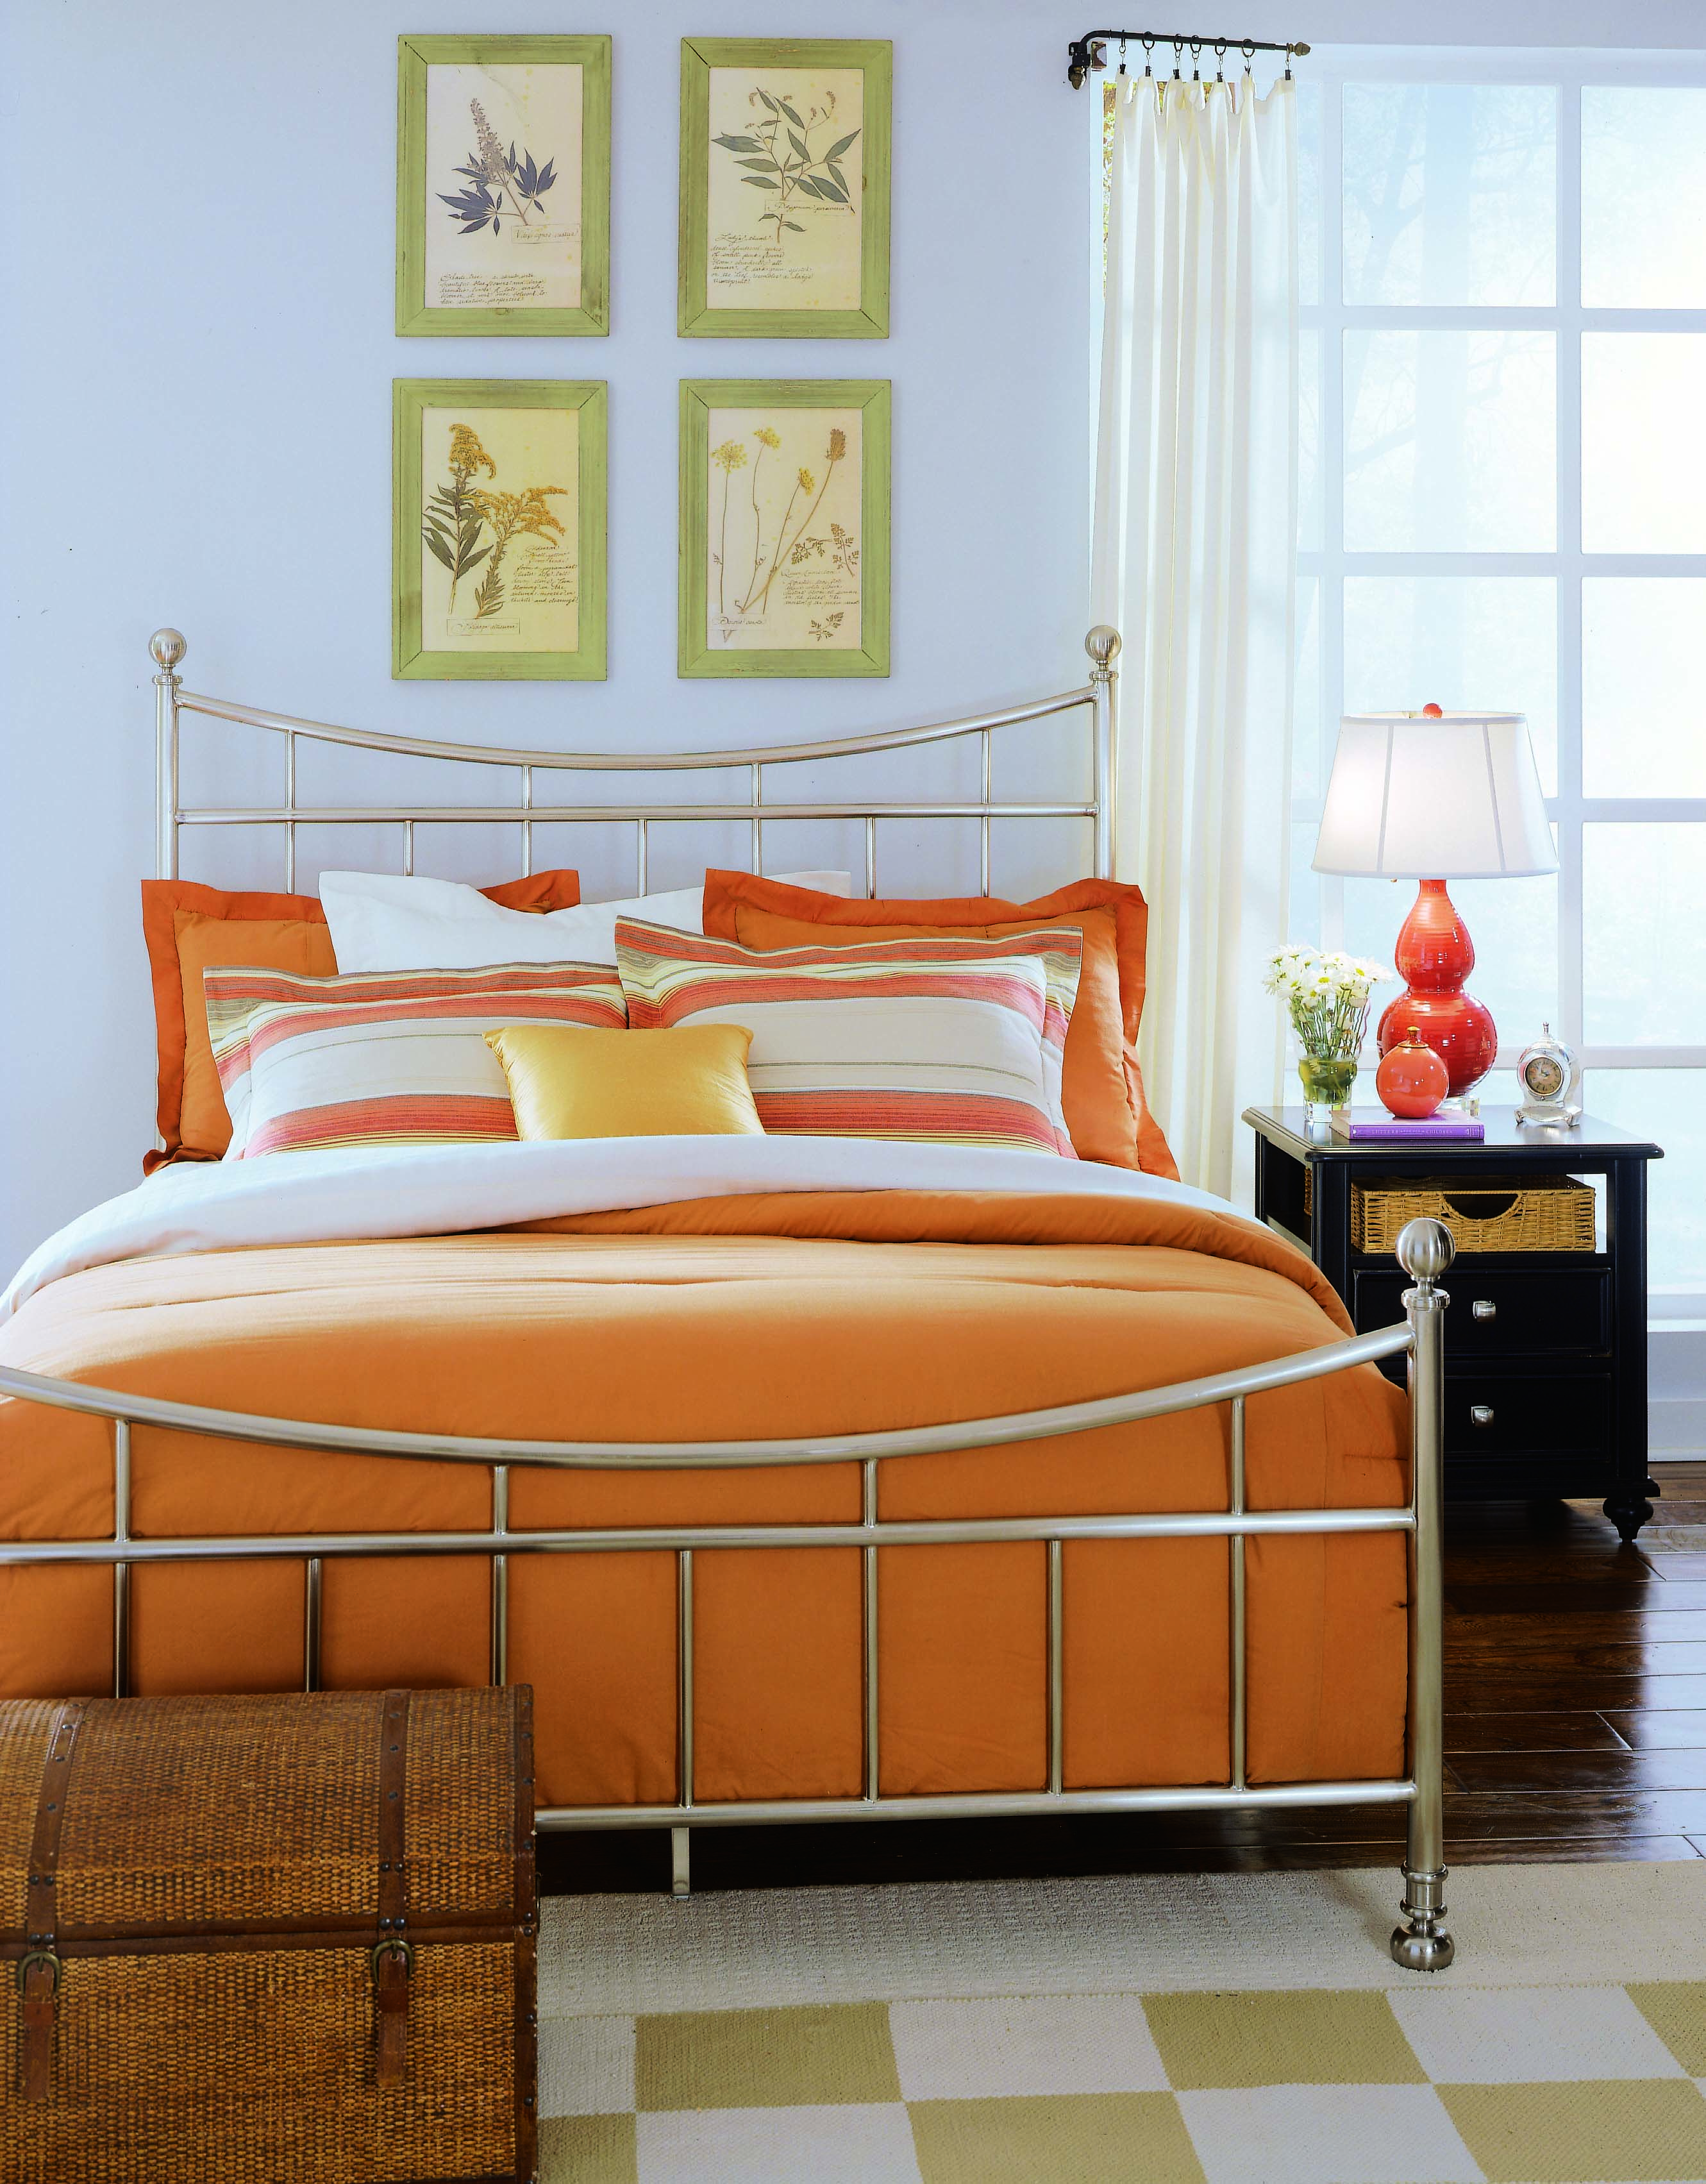 Sensational Camden Black Bedroom Metal Bed 4 6 Brushed Nickel Finish Home Interior And Landscaping Palasignezvosmurscom